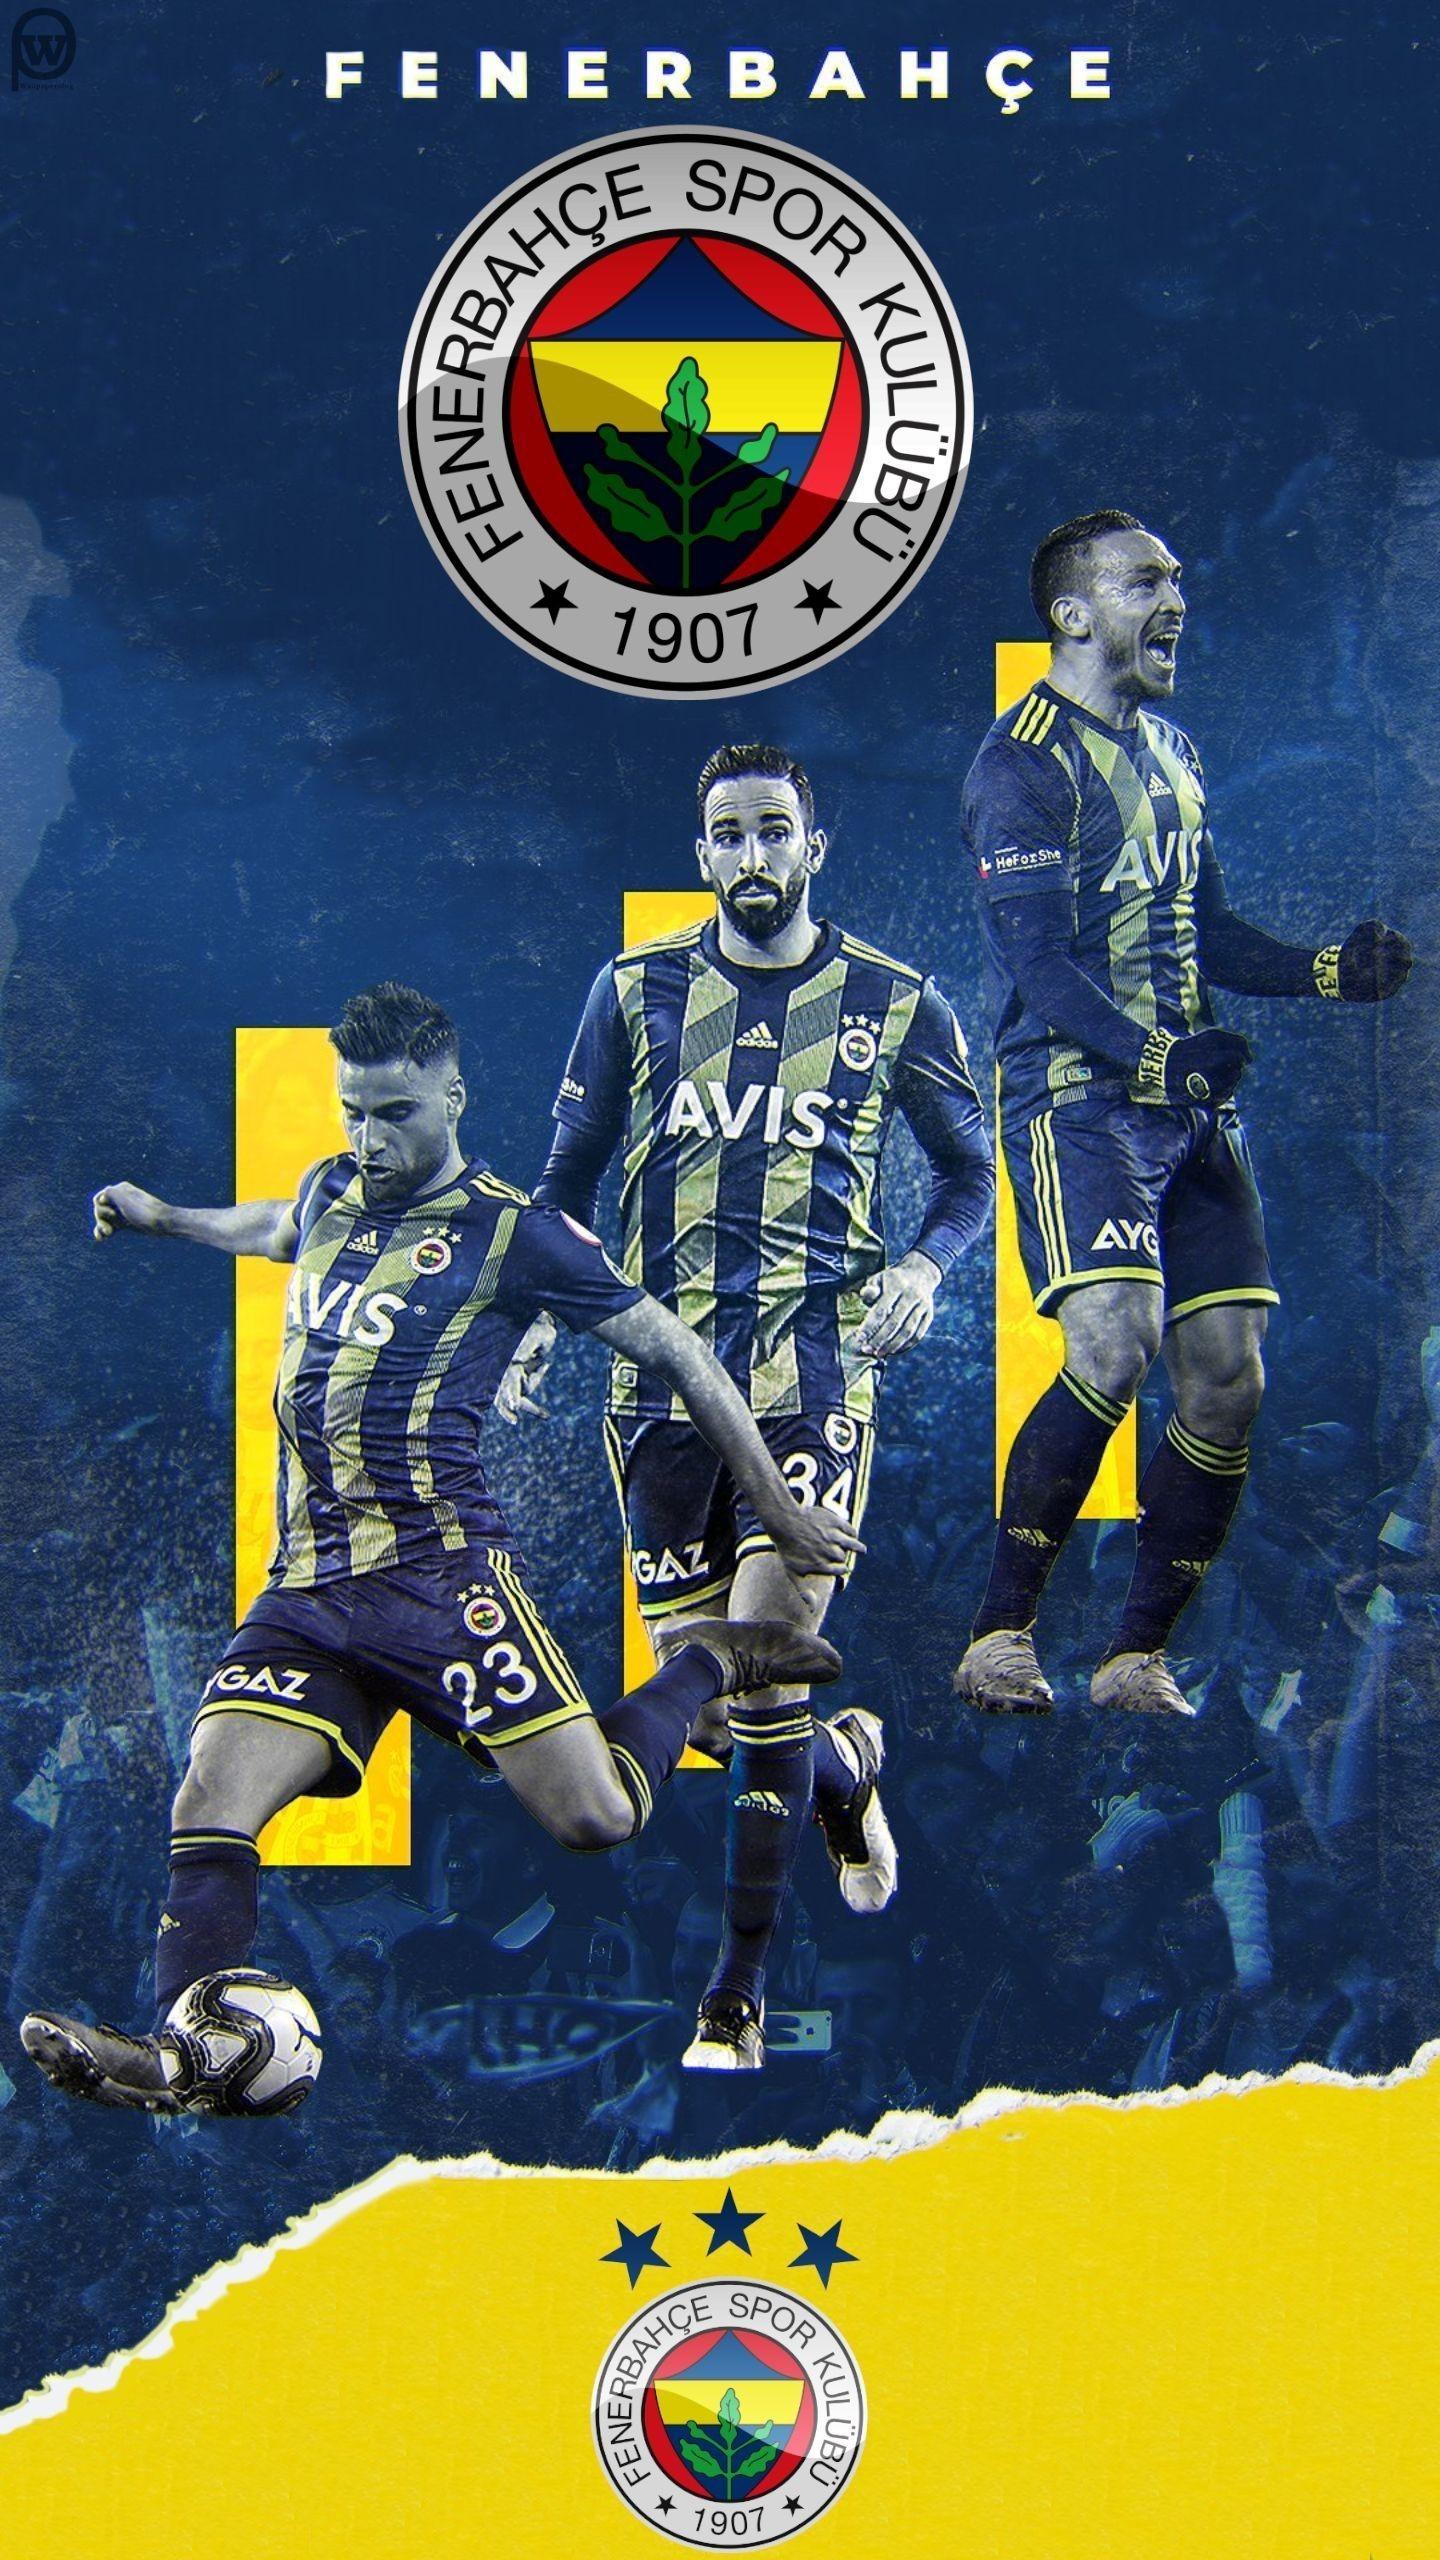 Fenerbahçe Mobil Duvar Kağıtları